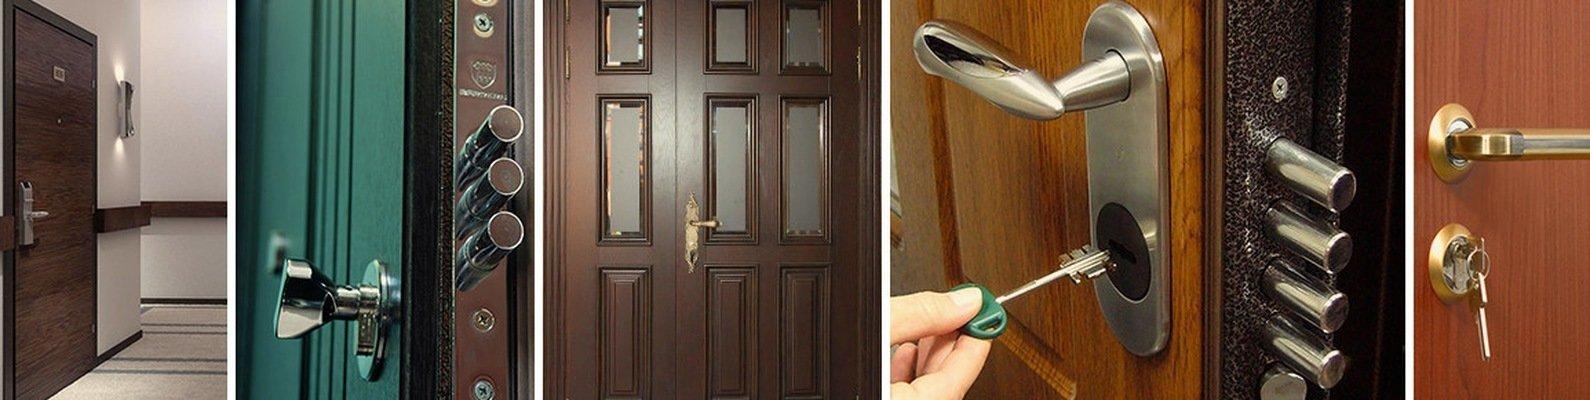 дверные замки для металлических дверей купить